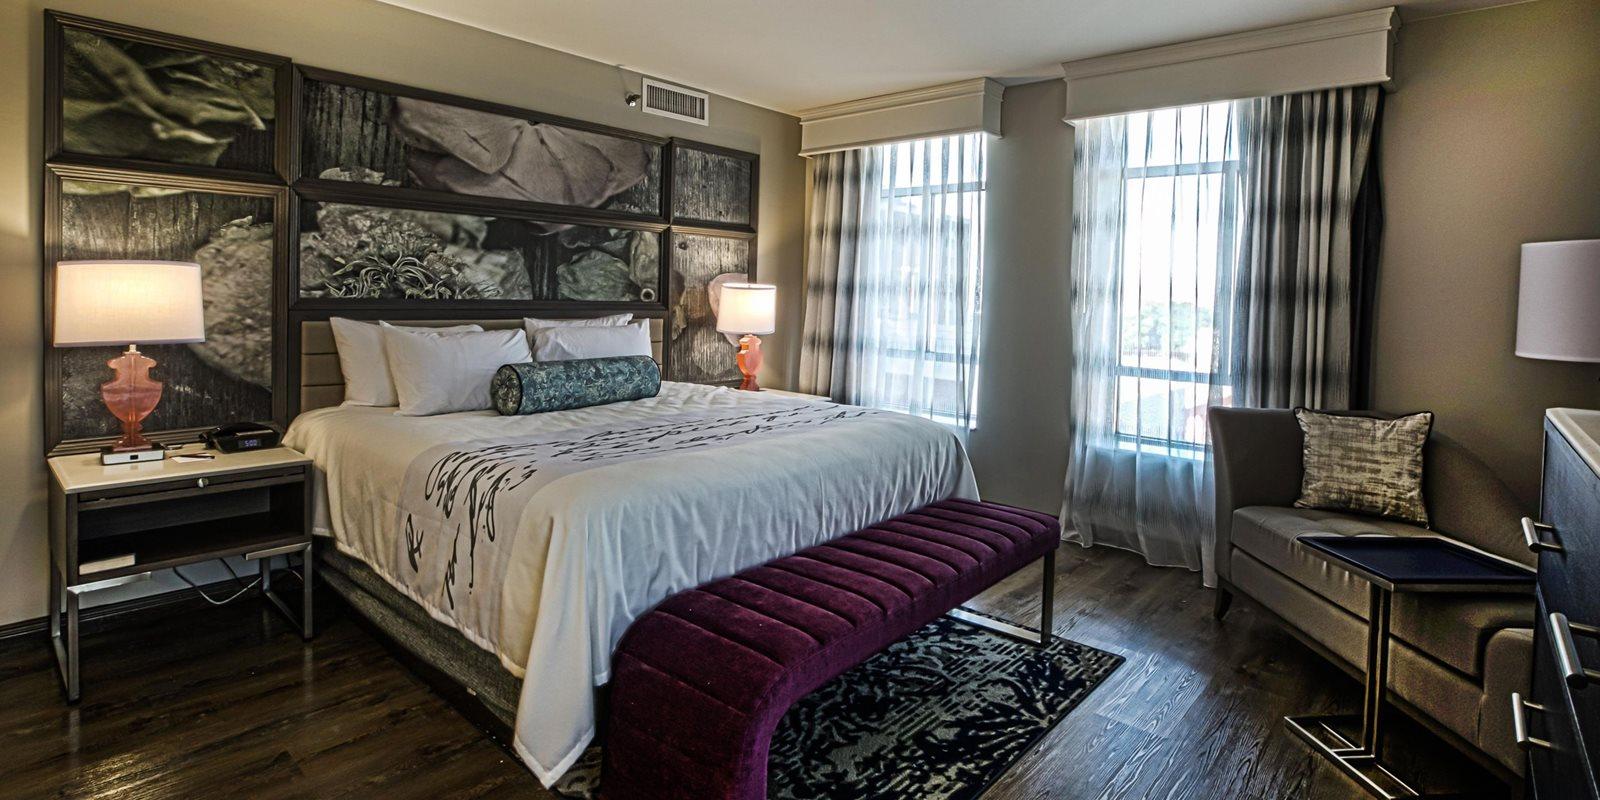 Hotel-Indigo-Birmingham-AL-Guest-Room-Expanded.jpg